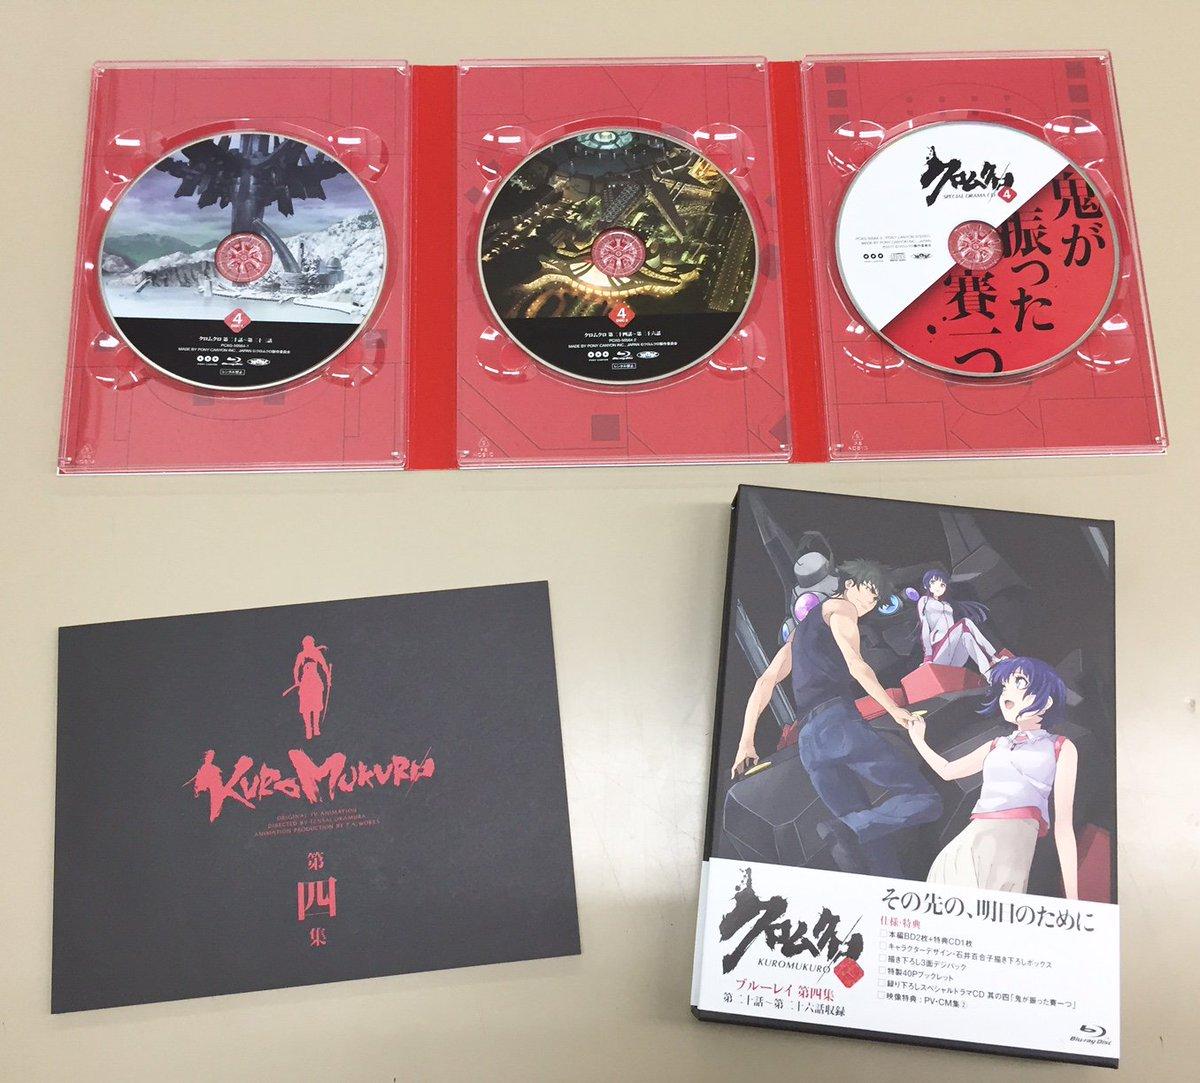 「クロムクロ ブルーレイ 第四集」は来週1月18日に発売です。ドラマCD「鬼が振った賽一つ」はエフィドルグメンバーによる